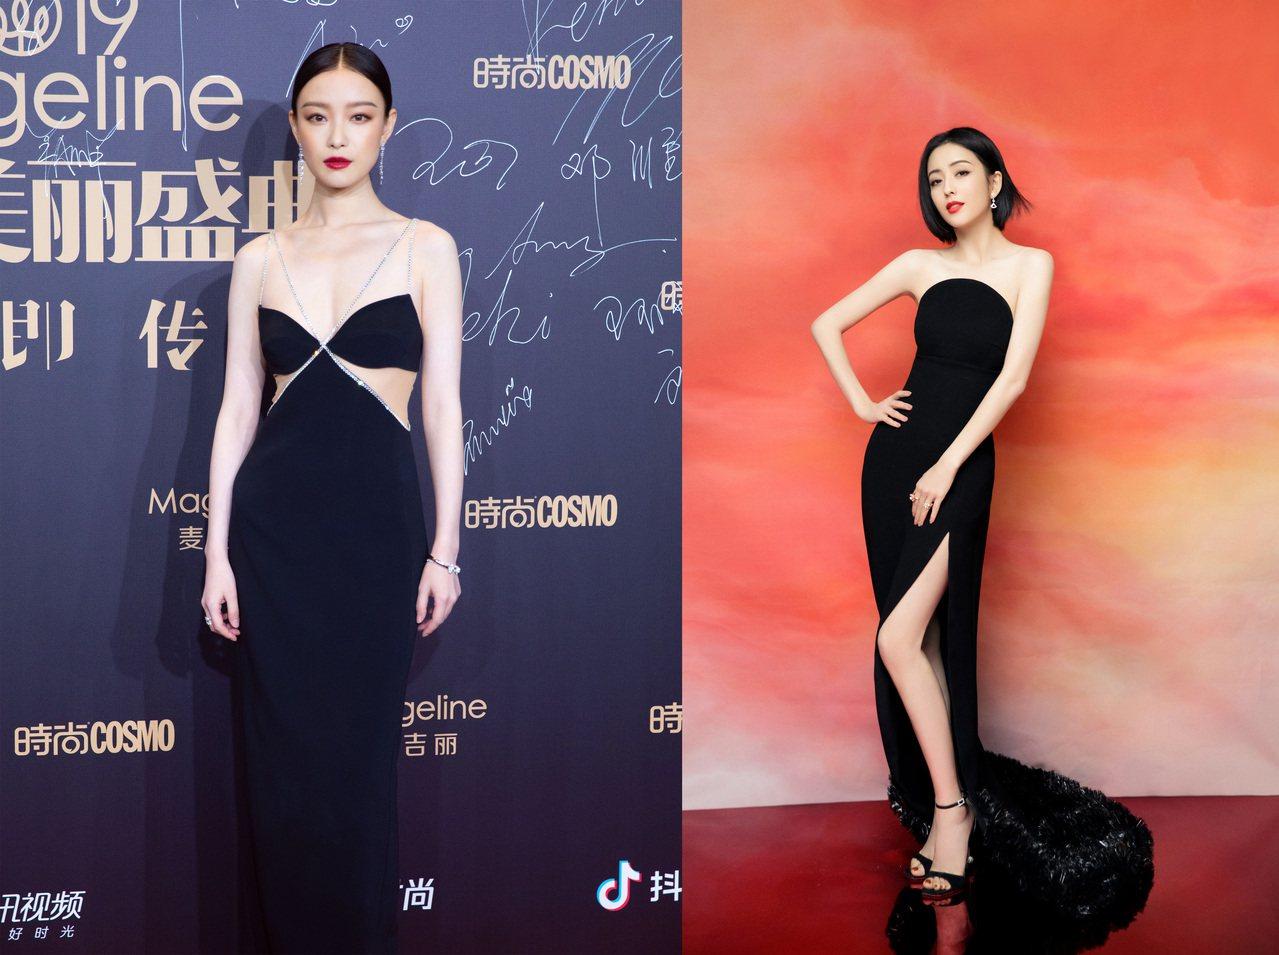 氣質女星倪妮(左)與「新疆女神」佟麗婭同登紅毯比美。圖/摘自微博